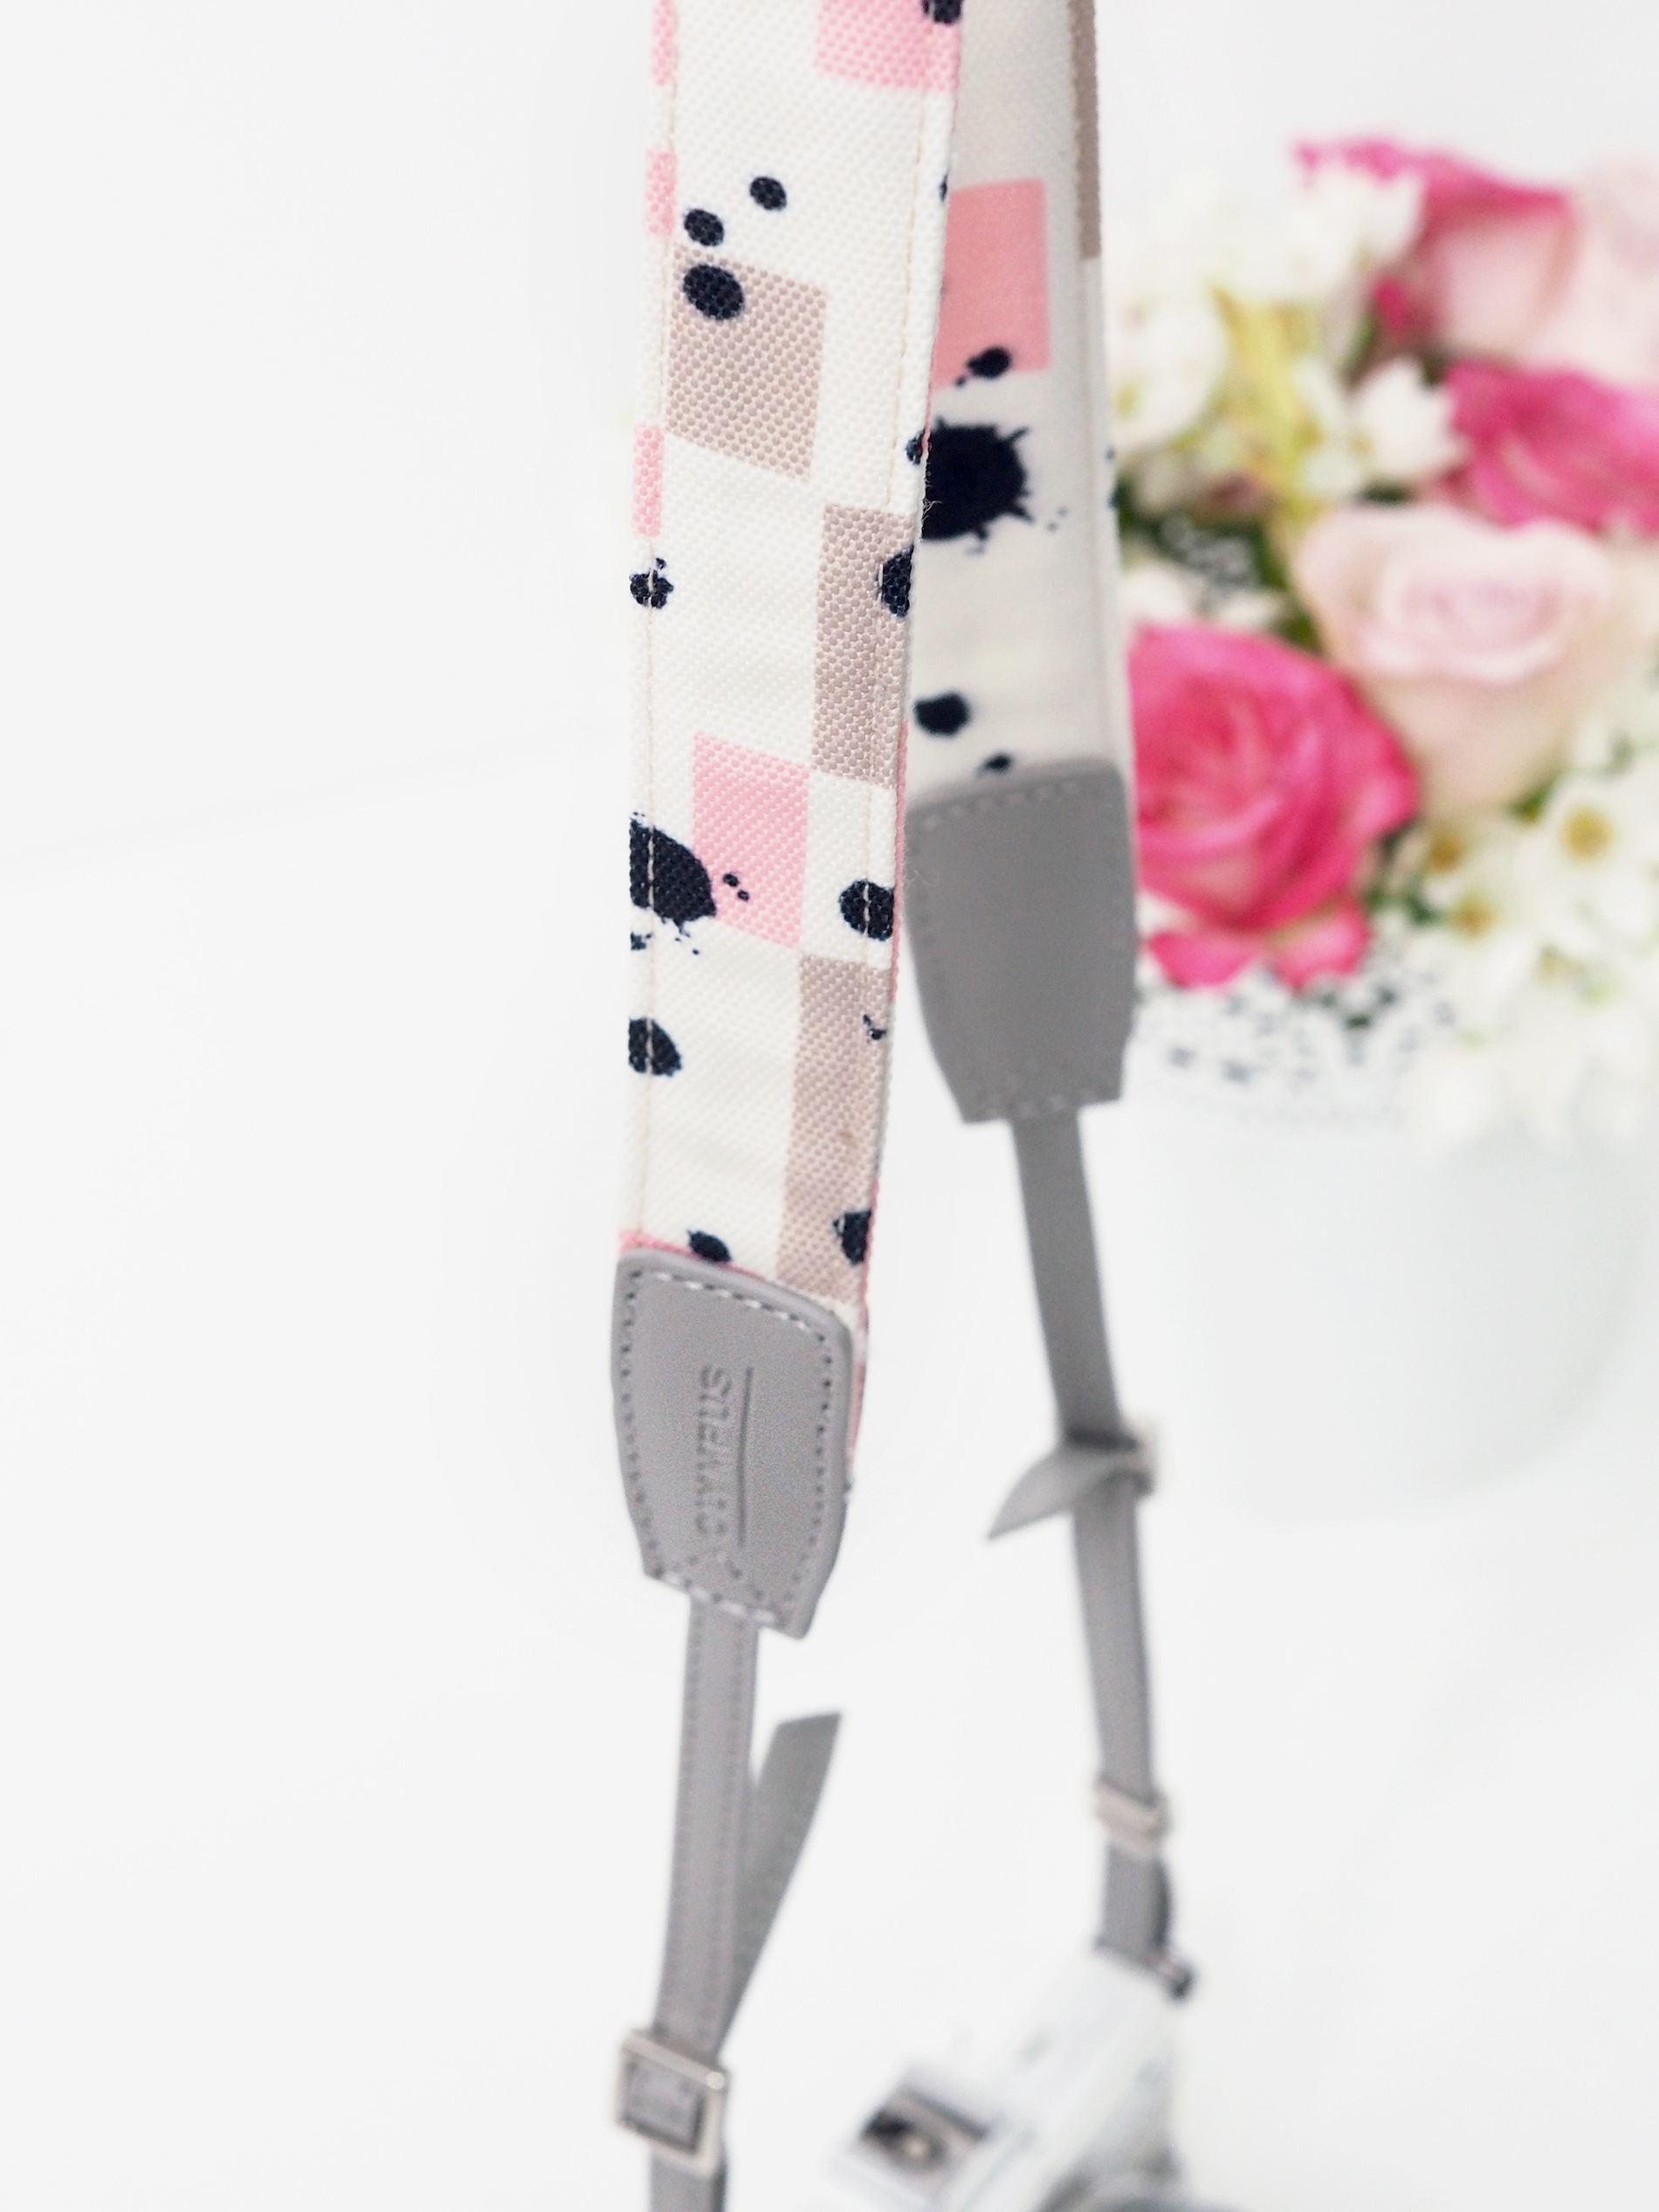 olympus pen designer shoulder strap